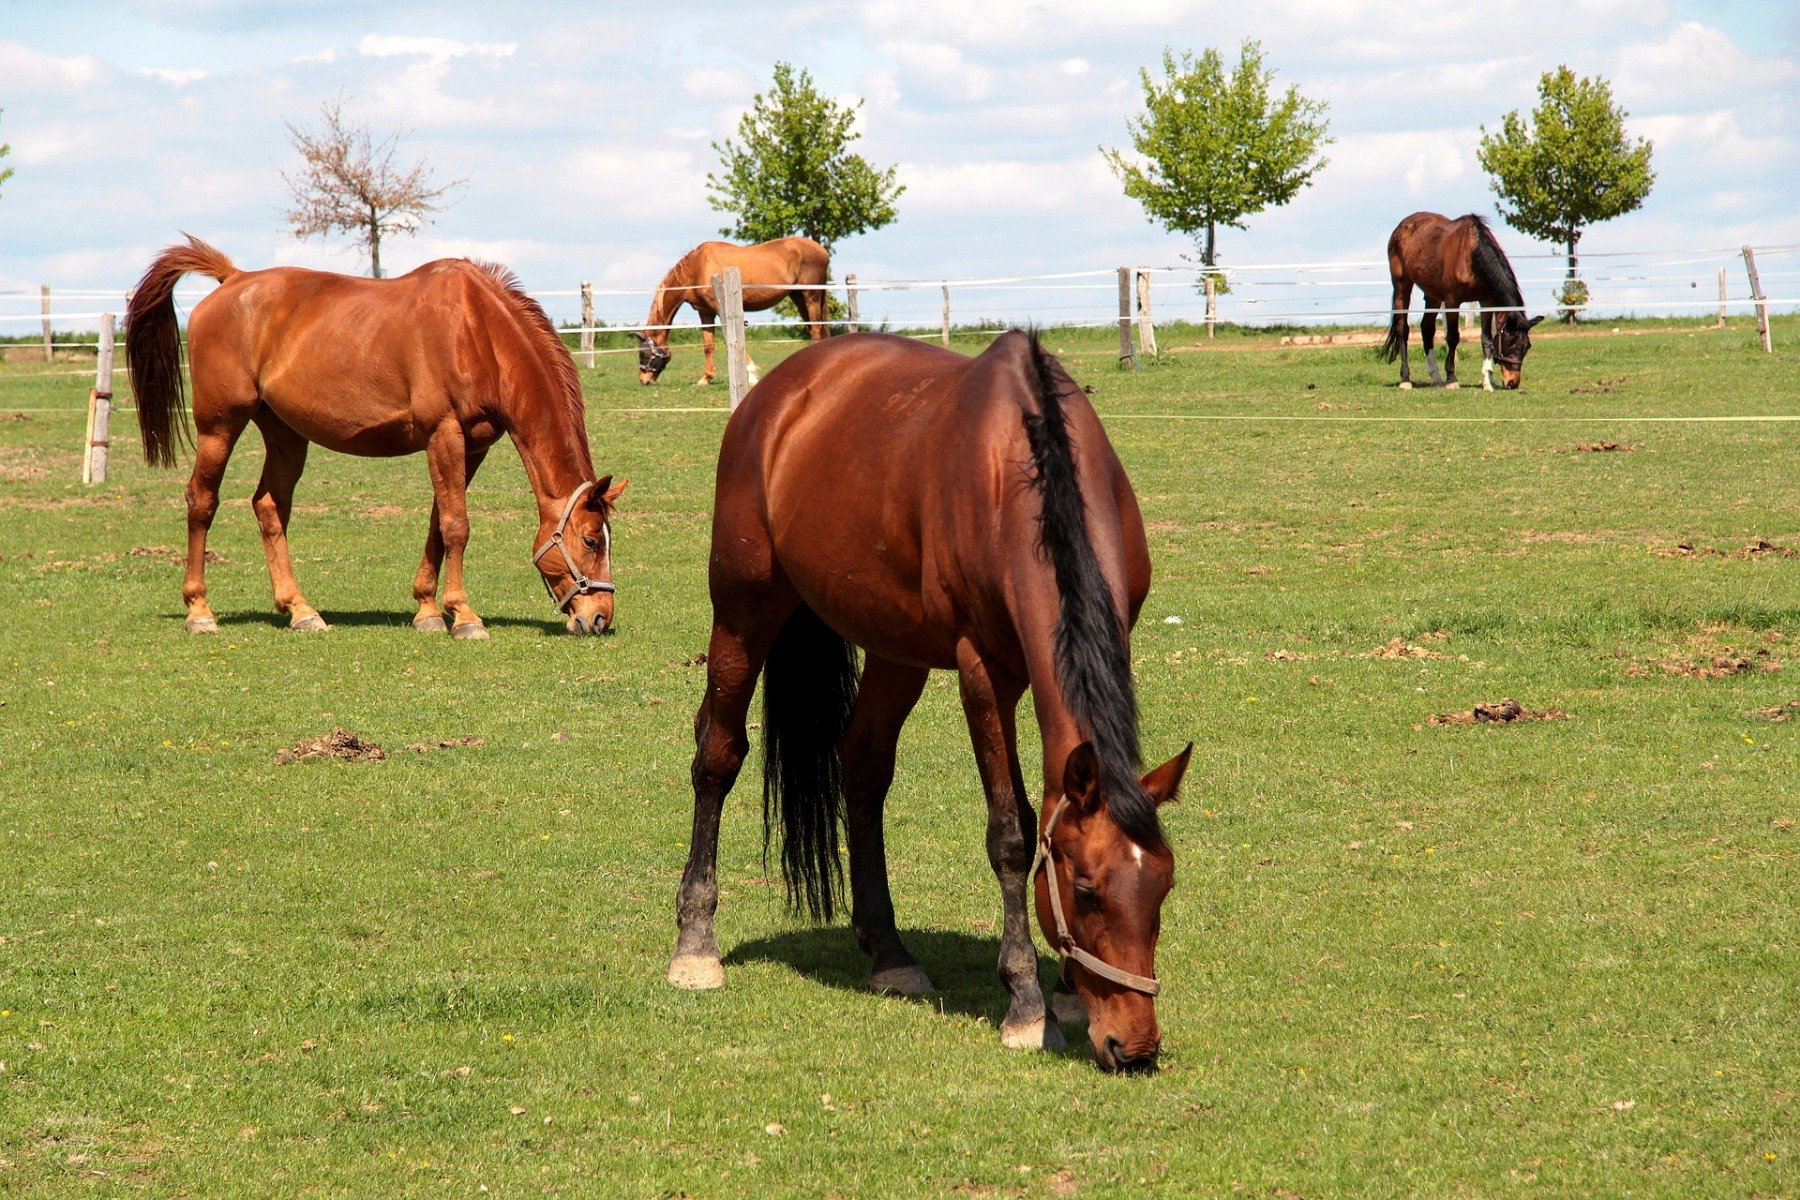 Pferde grasen auf einer Wiese